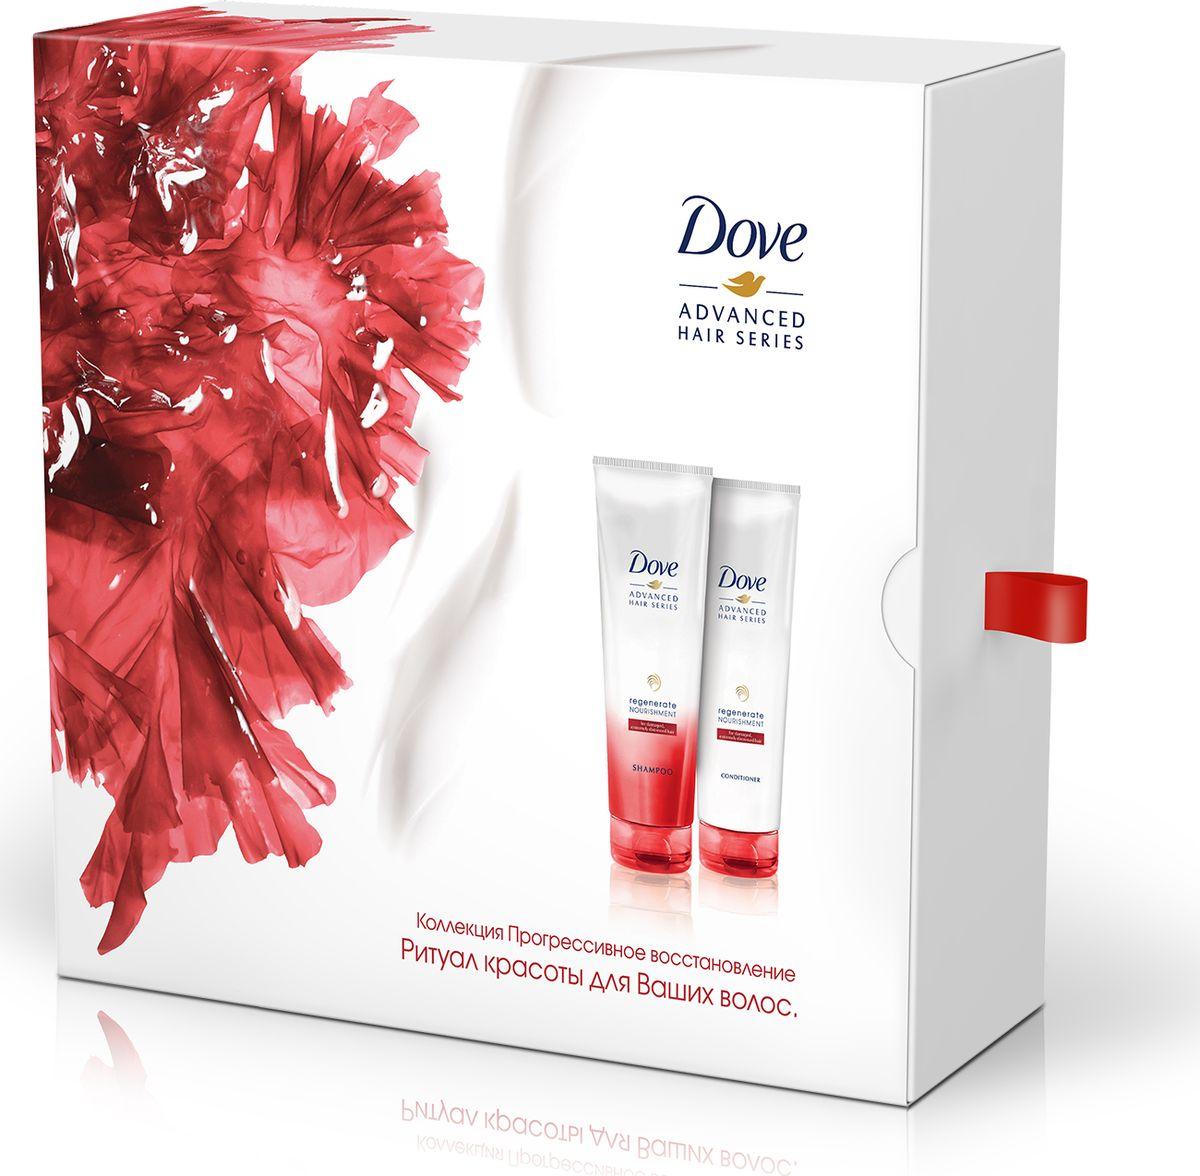 Подарочный набор Dove коллекция прогрессивное восстановление